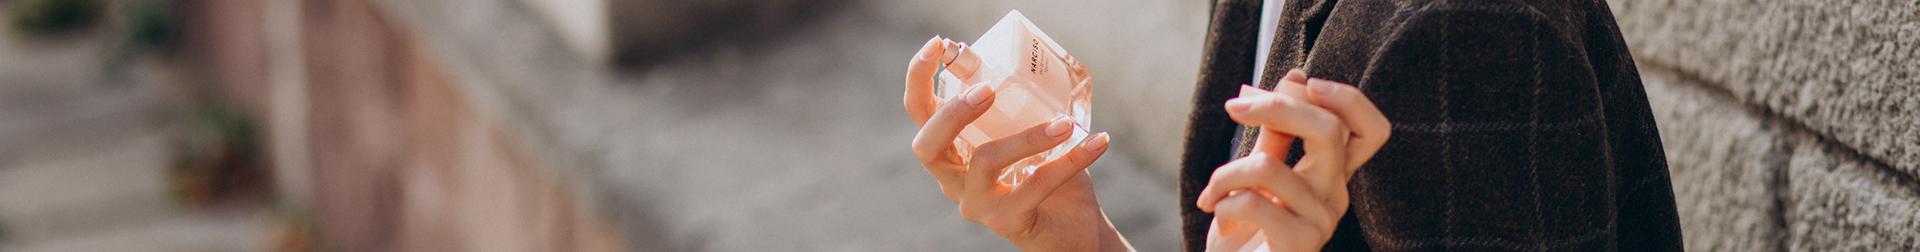 Eau de Parfum   Buy Best Eau de Parfum For Women   Aromacraze.com